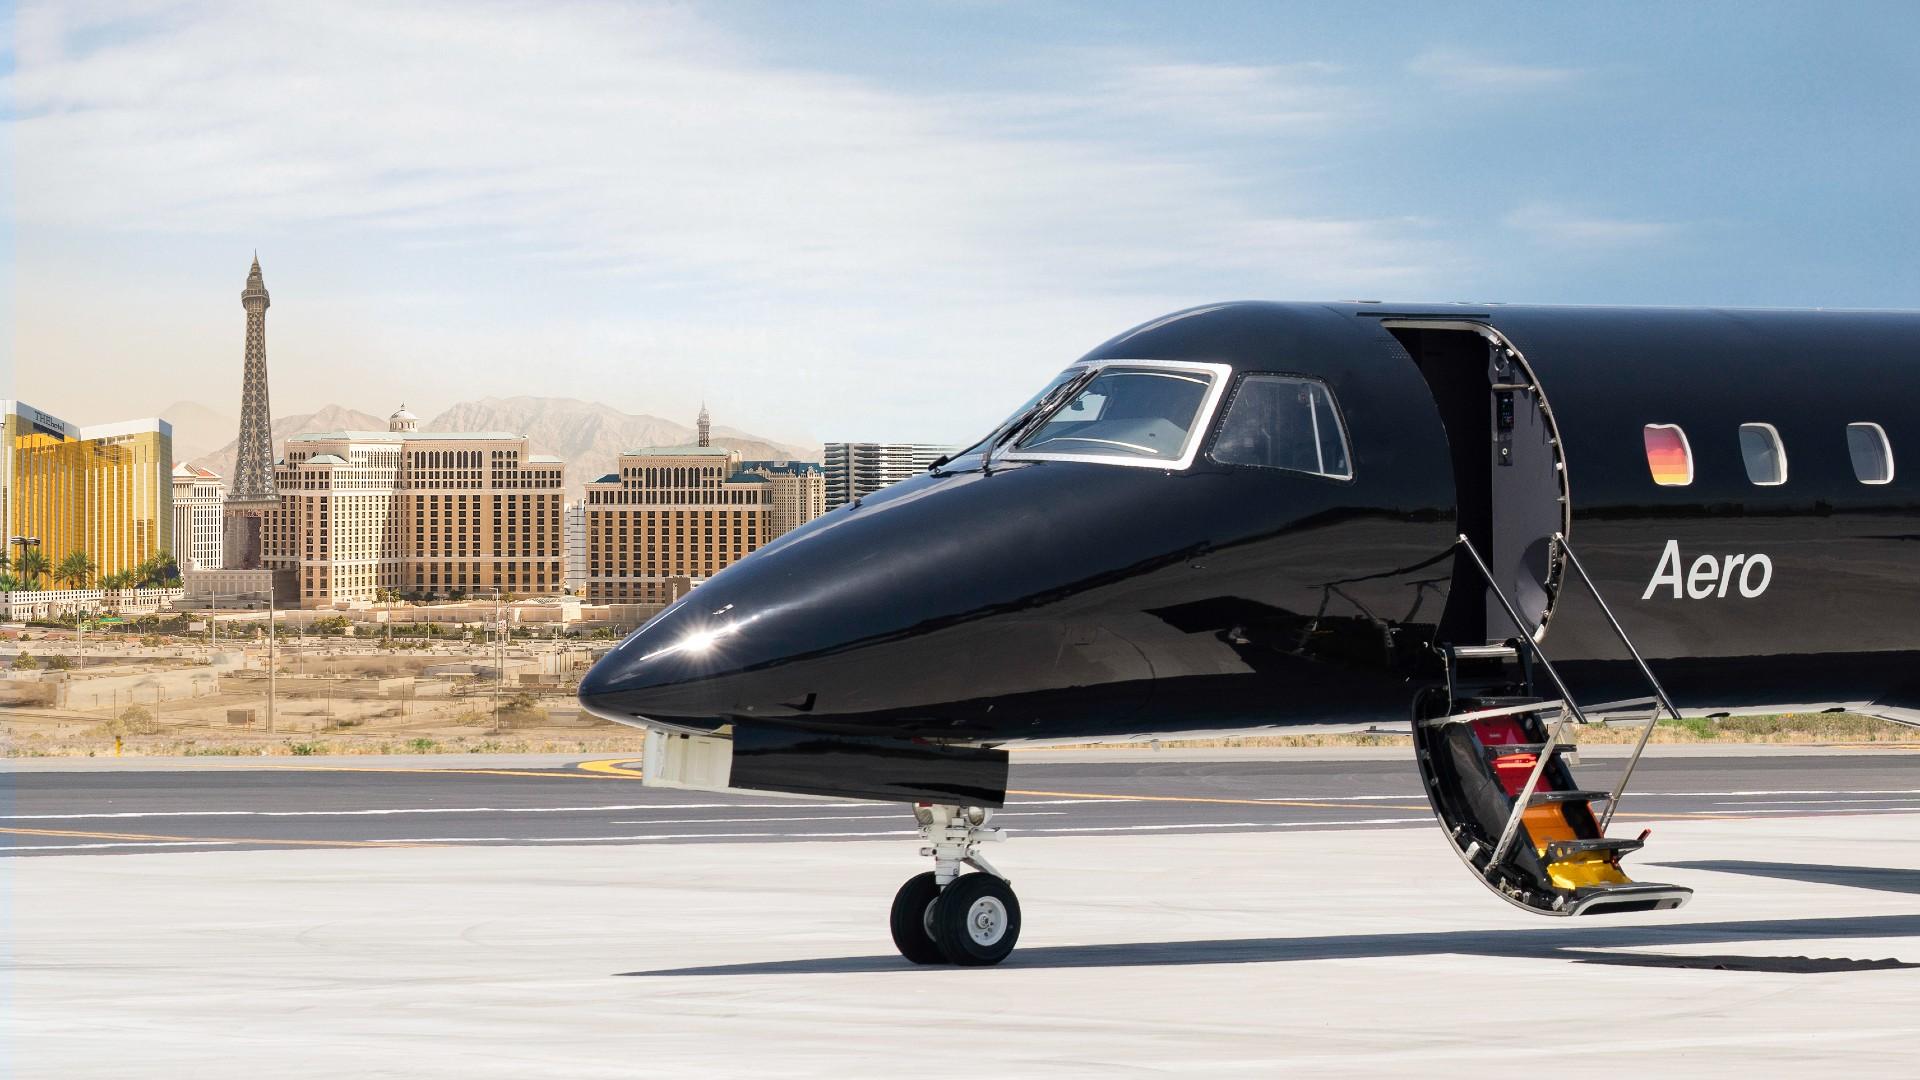 Las Vegas with Aero